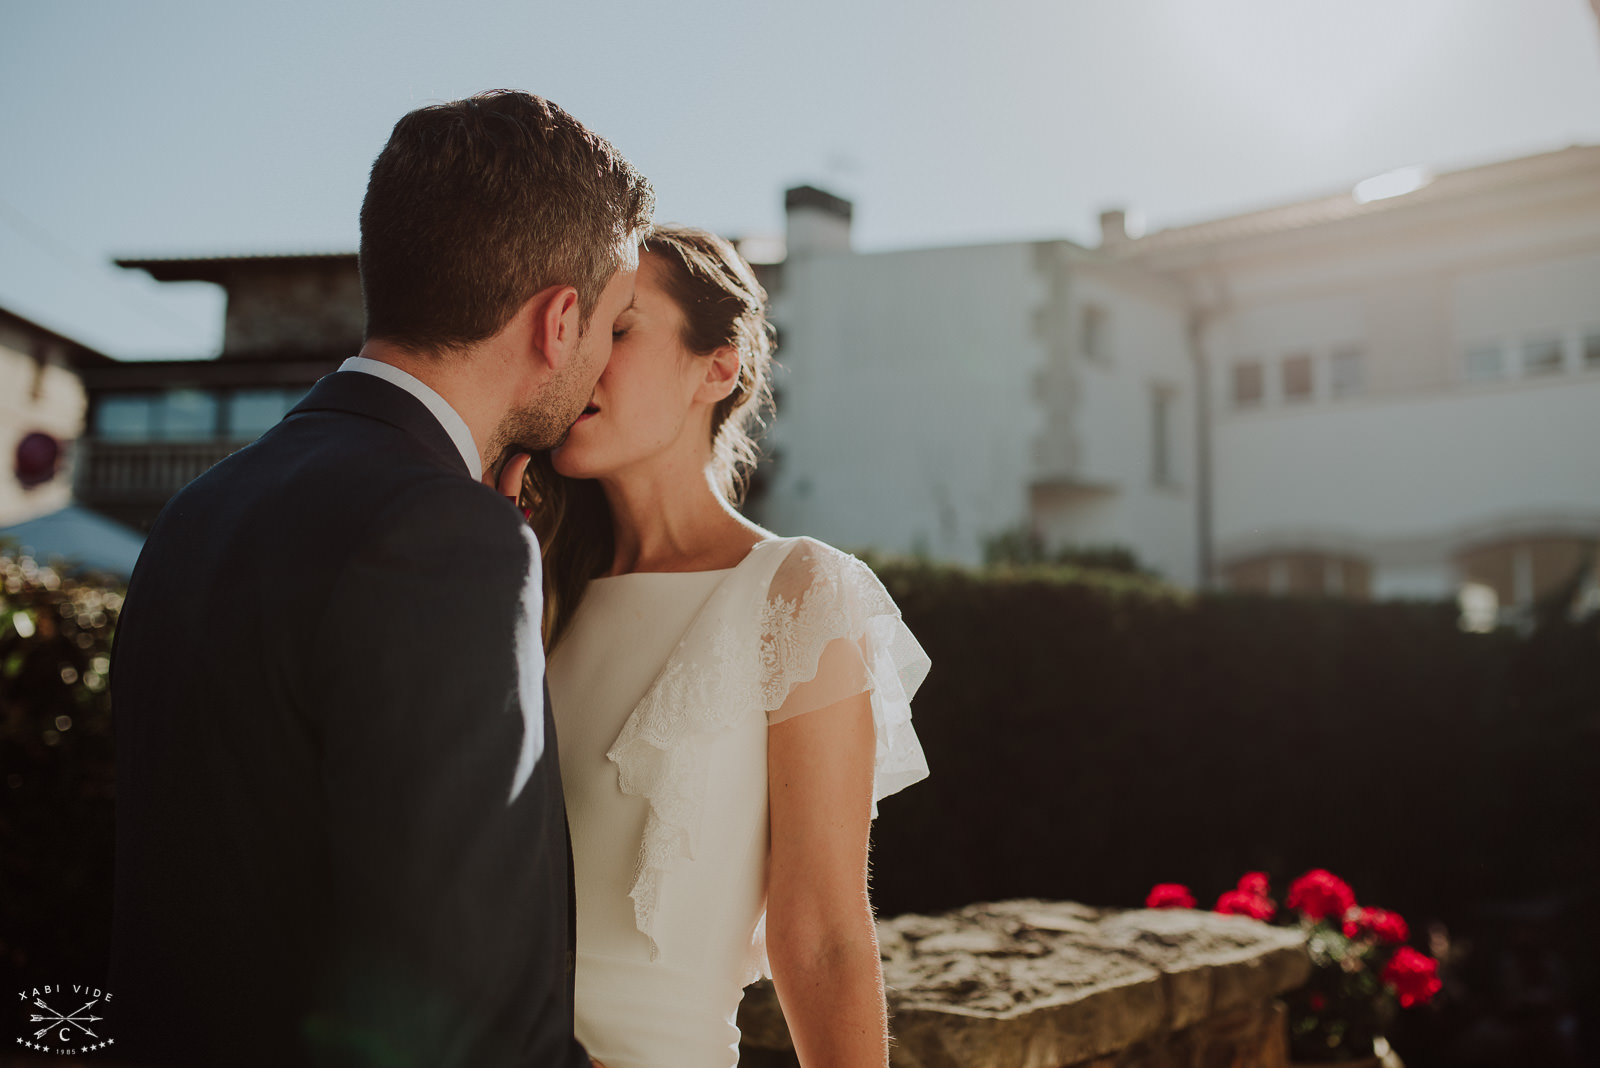 fotografo de bodas en bilbao-164